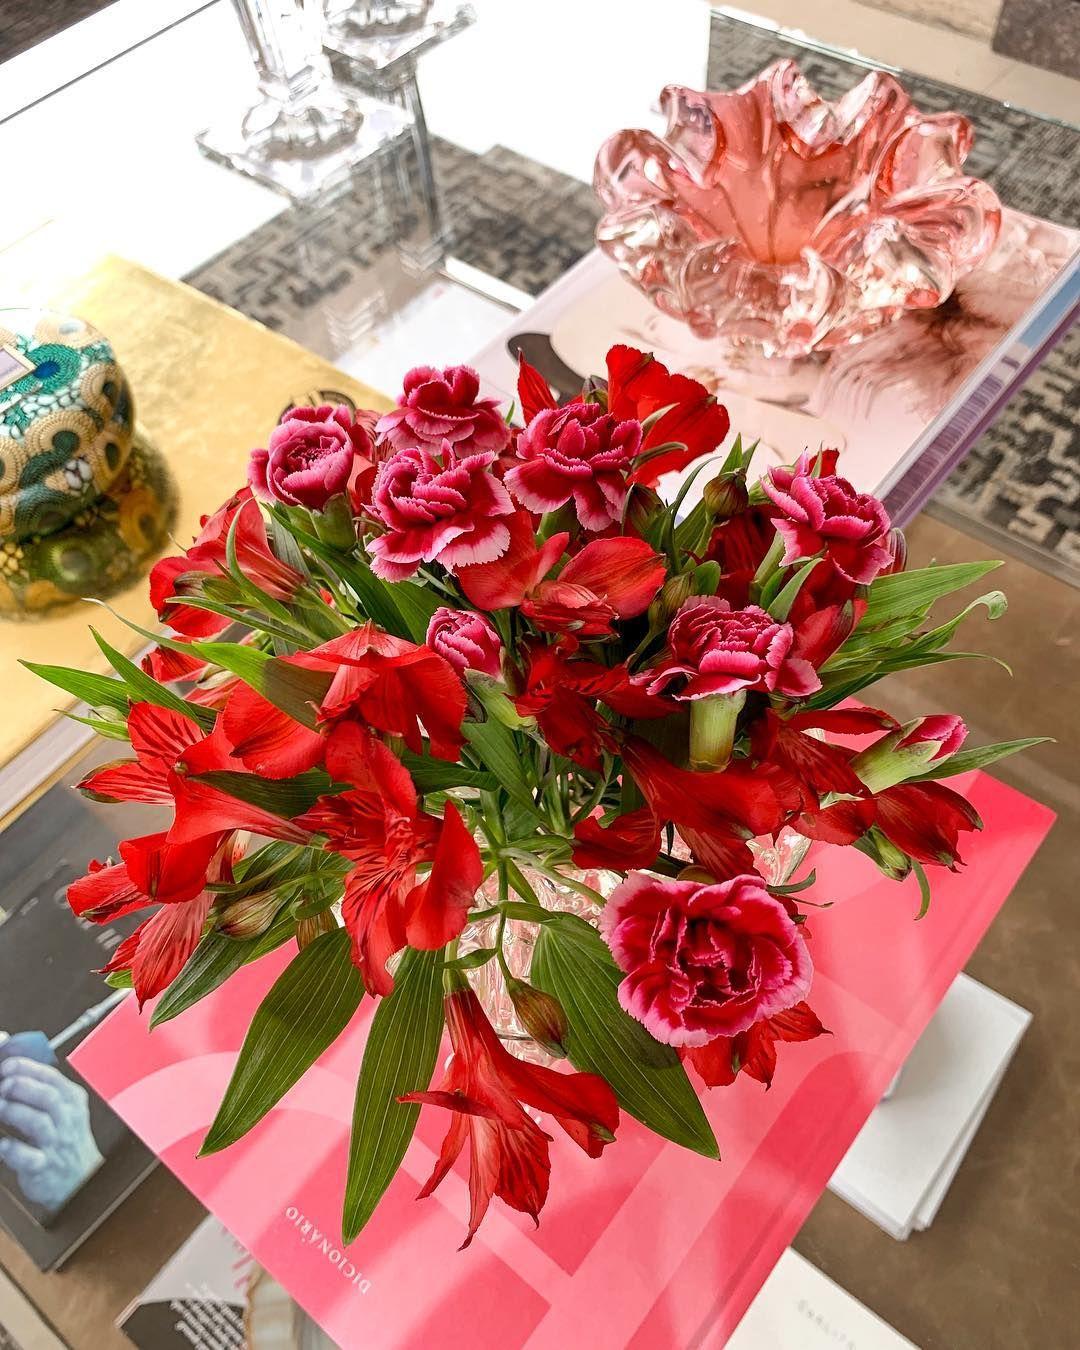 Que nunca nos falte flor, nem amor! Entrega de flores